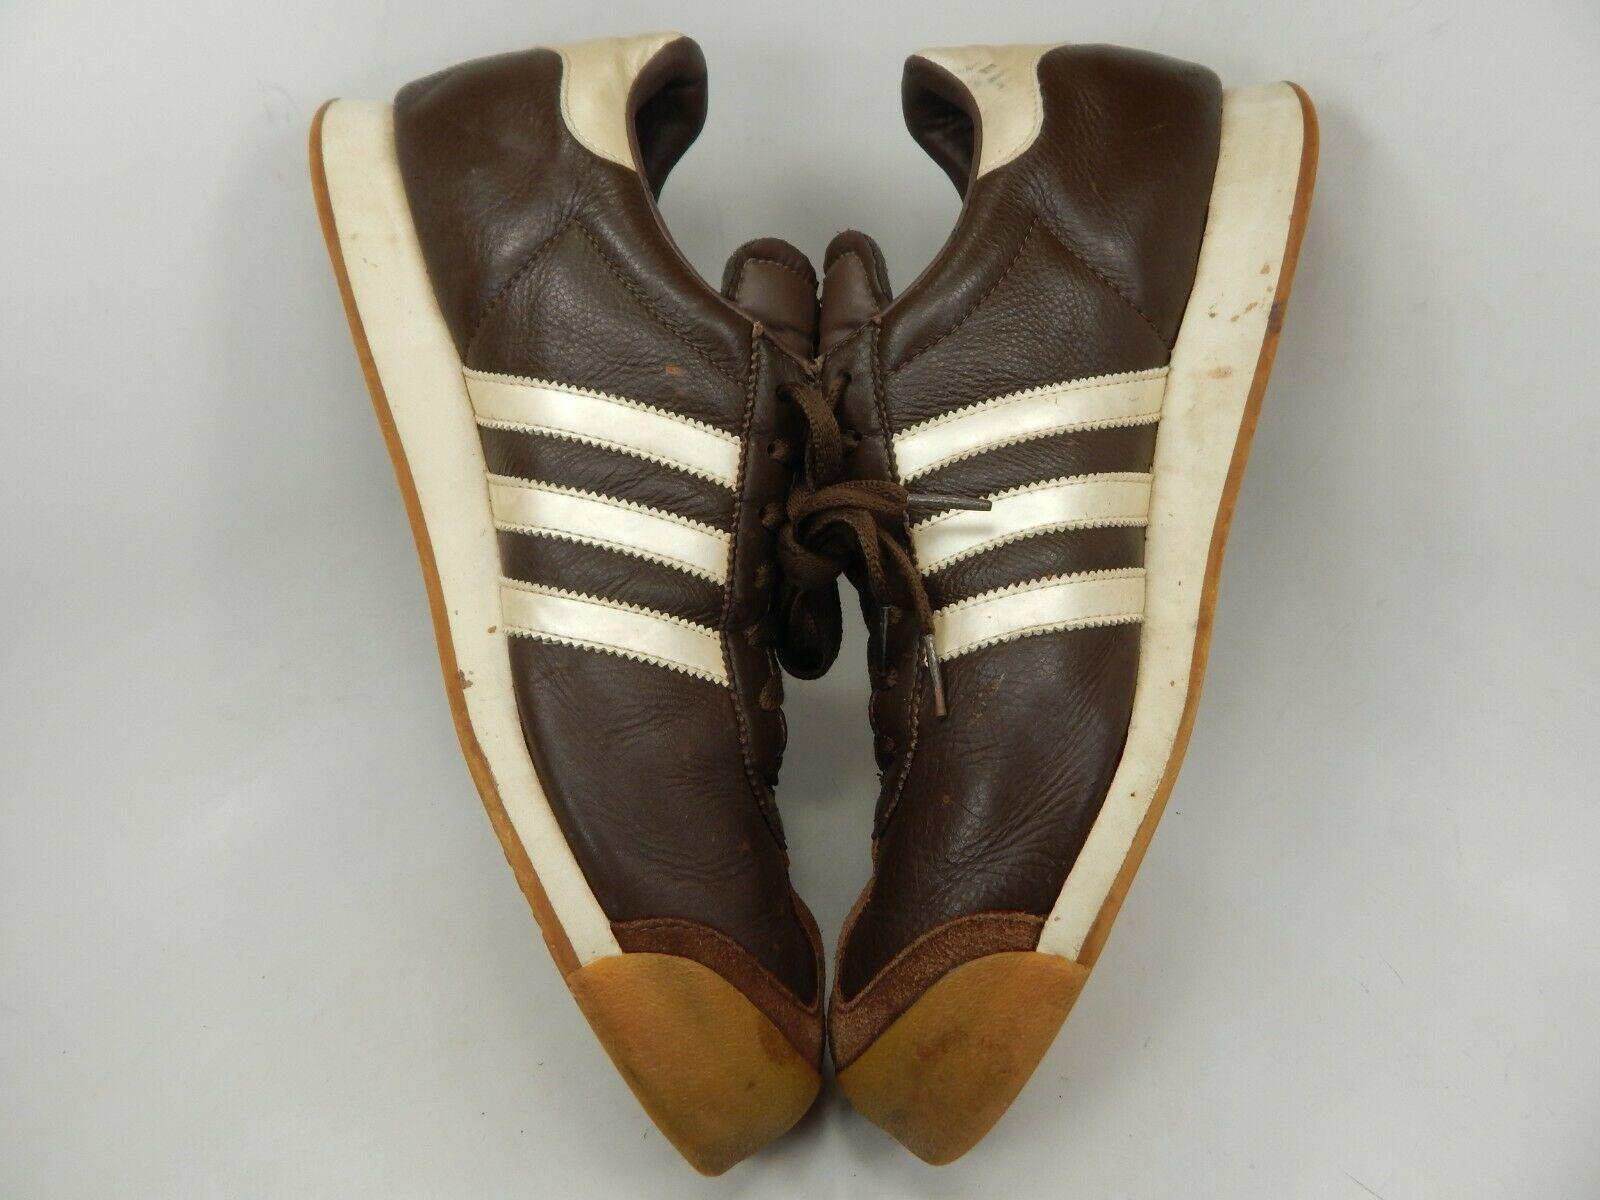 Adidas Samoa Größe US 12 M (D) Eu 46 2/3 Herren Freizeit Turnschuhe Braune image 6